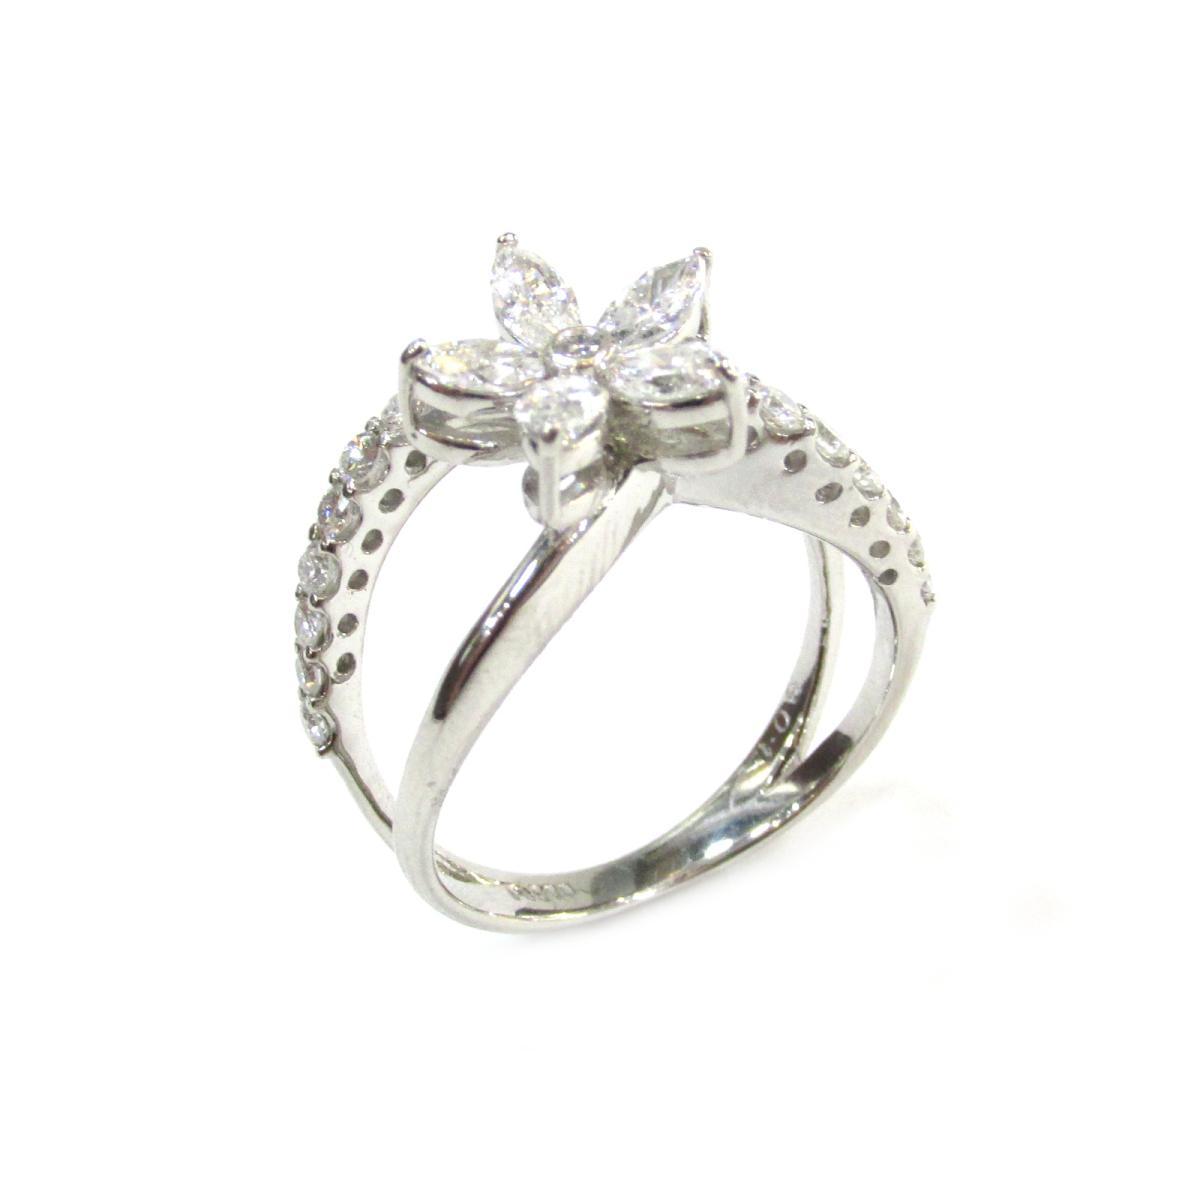 【中古】 ジュエリー ダイヤモンドリング 指輪 レディース PT900 プラチナ × ダイヤモンド (1.08ct)   JEWELRY リング 美品 ブランドオフ BRANDOFF